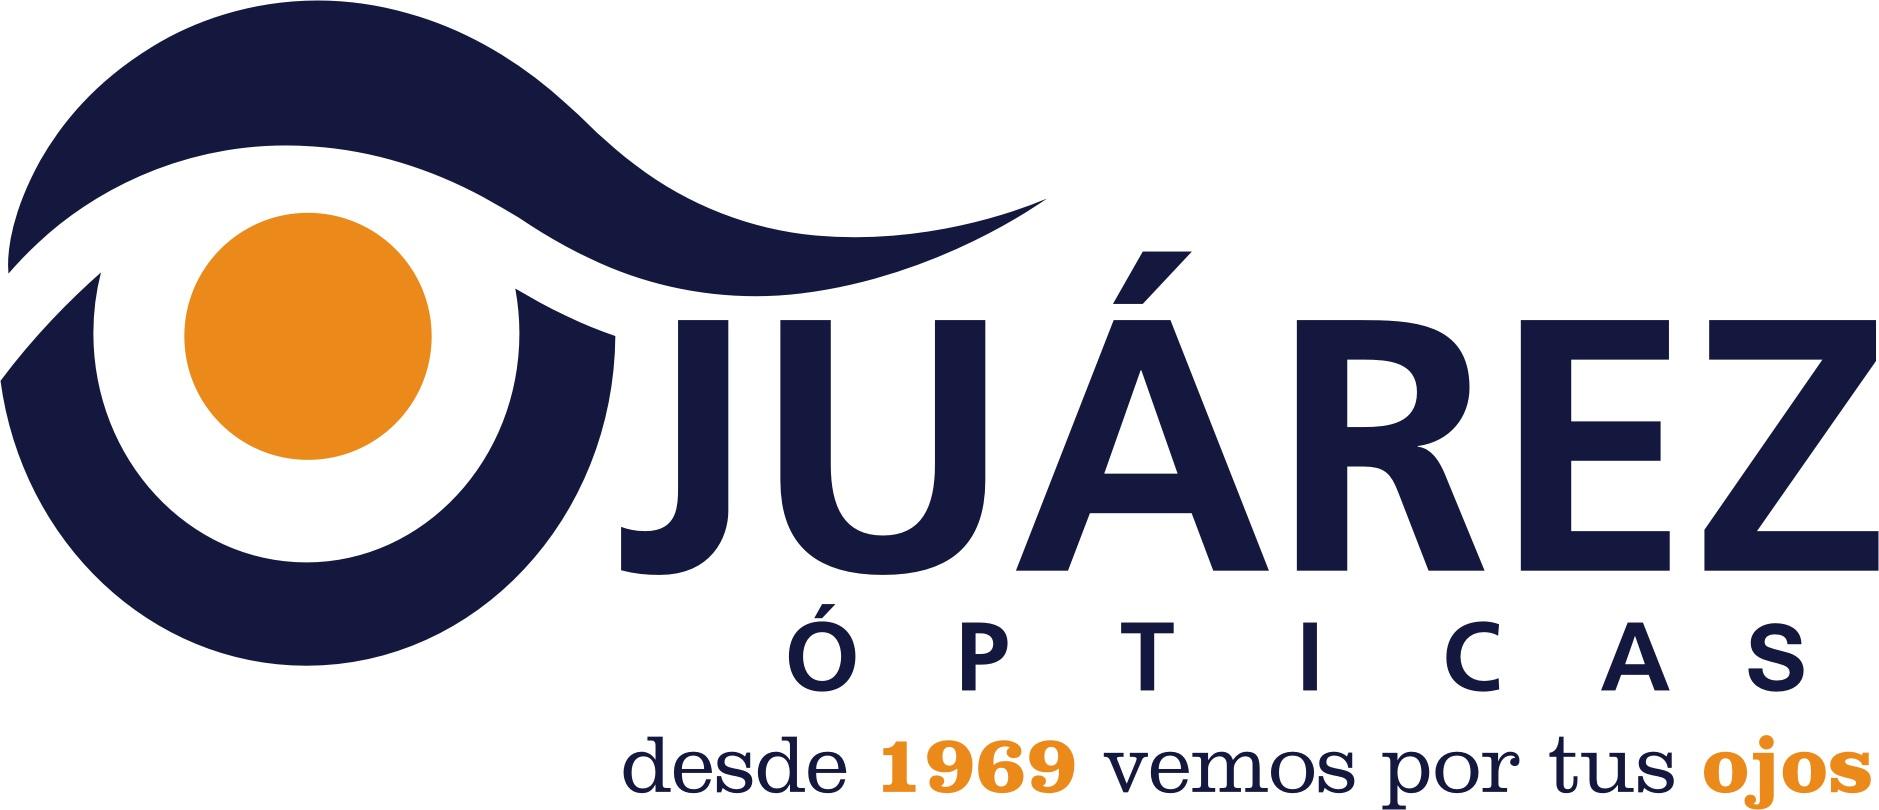 OPTICAS JUAREZ